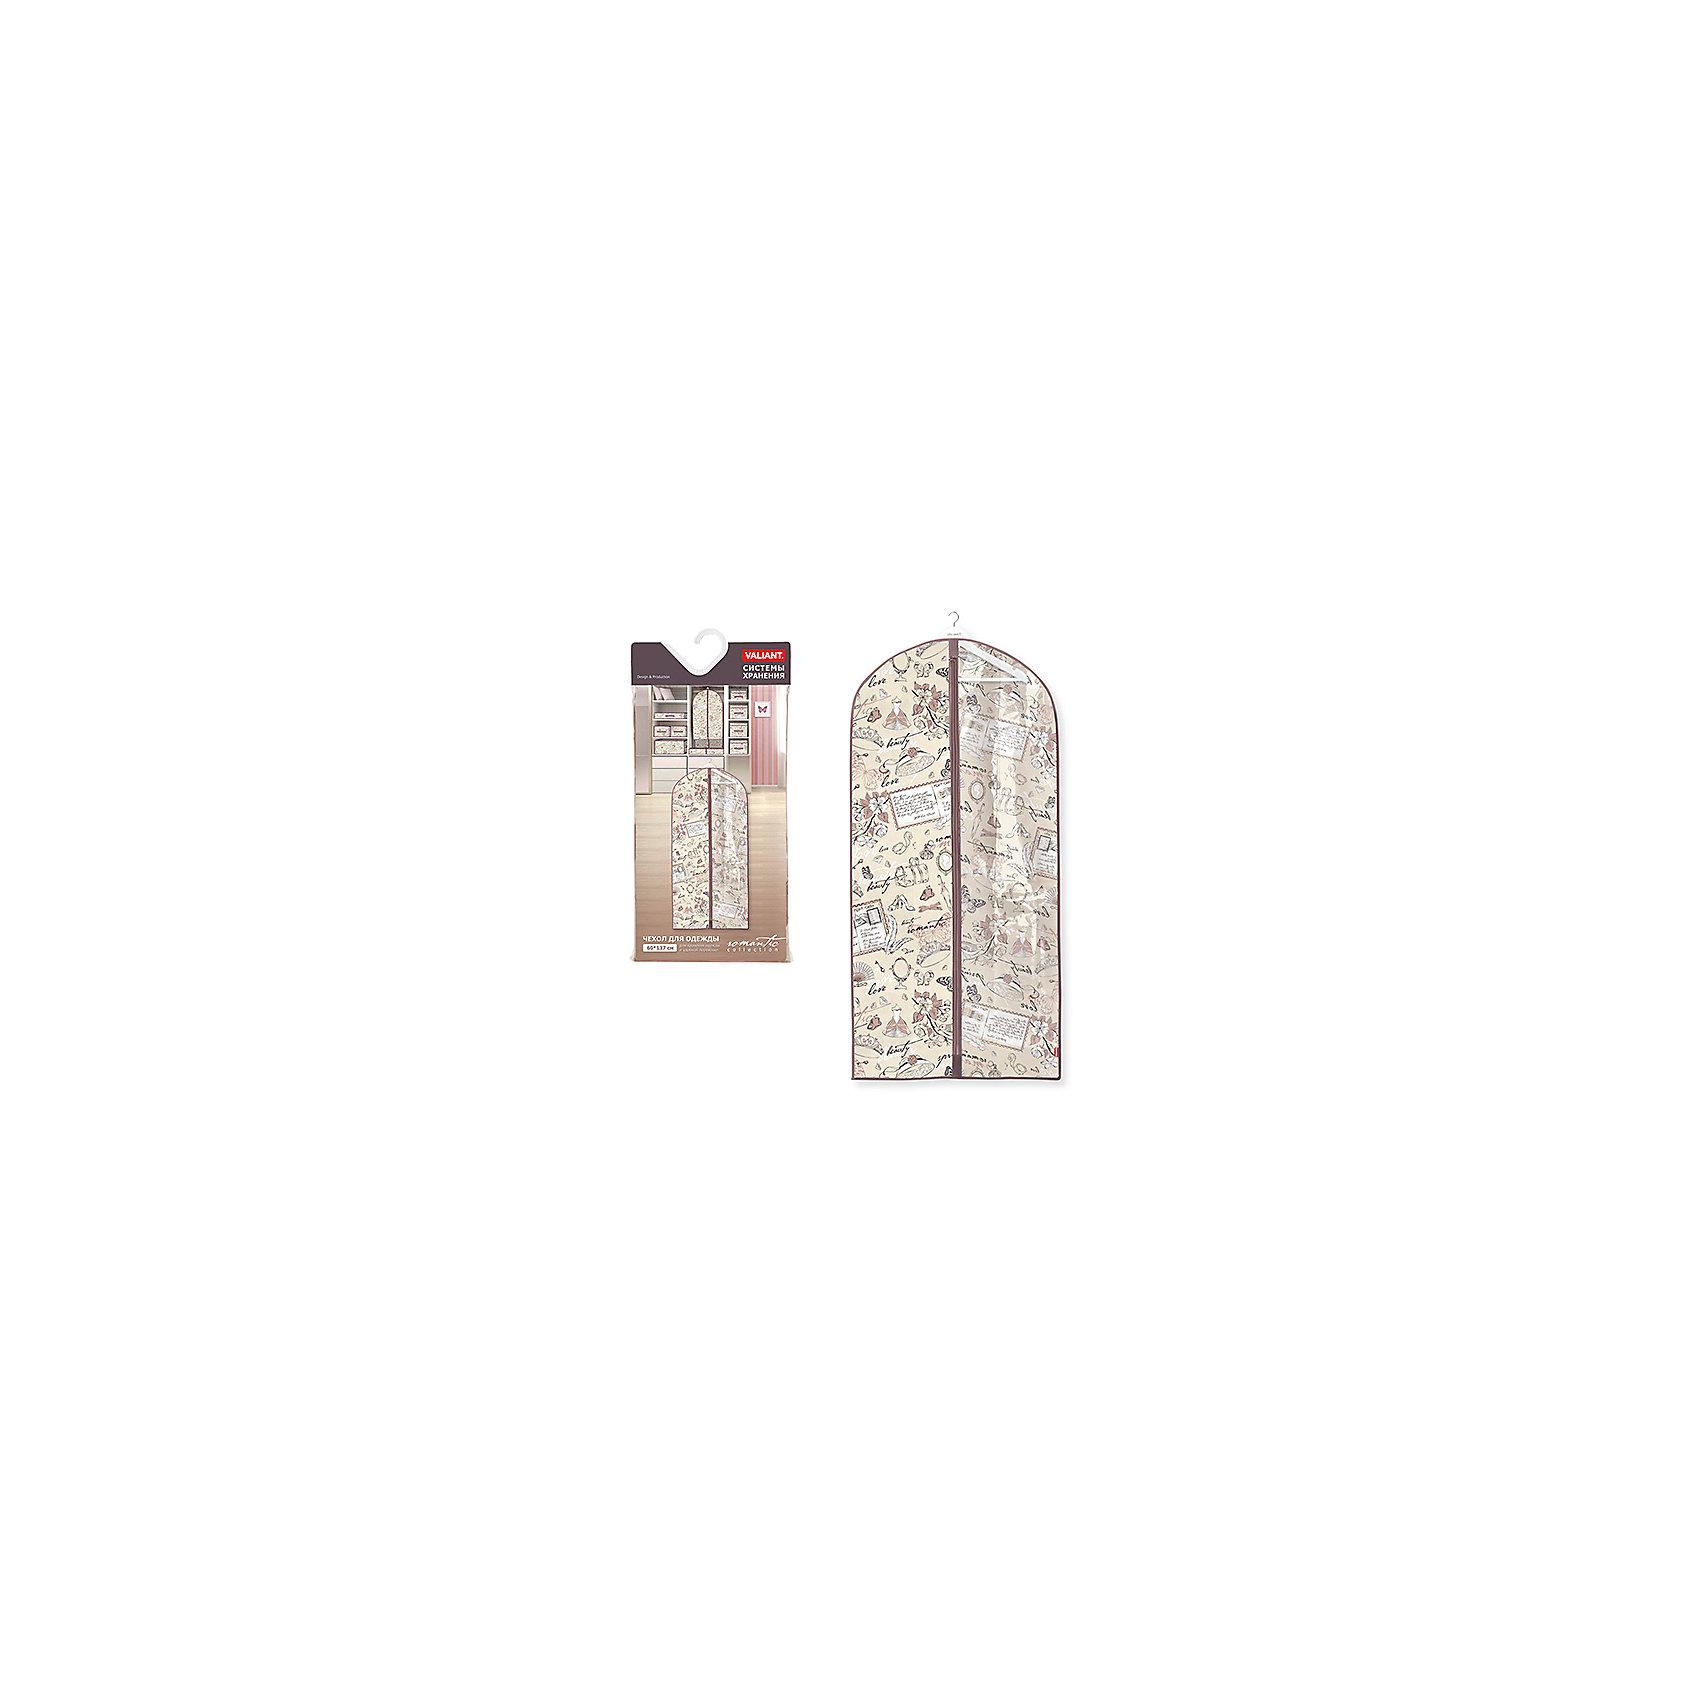 Чехол для одежды с прозрачной вставкой, большой, 60*137 см, ROMANTIC, ValiantПорядок в детской<br>Чехол для одежды с прозрачной вставкой, большой, 60*137 см, ROMANTIC, Valiant (Валиант) – это эстетичное решение для хранения одежды.<br>Чехол для одежды ROMANTIC от Valiant (Валиант) разработан специально для хранения длинной верхней одежды: шуб, дубленок, пуховиков, пальто, плащей, костюмов и платьев. Он изготовлен из высококачественного нетканого материала, который обеспечивает естественную вентиляцию, позволяя воздуху проникать внутрь, но не пропускает пыль. Чехол очень удобен в использовании. Прозрачная вставка позволит увидеть вещь в чехле, не расстегивая его. Чехол легко открывается и закрывается застежкой-молнией. Идеально подойдет для хранения одежды и удобной перевозки. Чехол оформлен оригинальным нежным, изящным рисунком, который гармонично смотрится в женском гардеробе. Чехол для одежды ROMANTIC от Valiant (Валиант) создаст трогательную атмосферу романтического настроения и станет незаменимым аксессуаром.<br><br>Дополнительная информация:<br><br>- Размер: 60х137см.<br>- Материал: нетканый материал, ПВХ<br>- Цвет: пепельно-розовый<br><br>Чехол для одежды с прозрачной вставкой, большой, 60*137 см, ROMANTIC, Valiant (Валиант) можно купить в нашем интернет-магазине.<br><br>Ширина мм: 210<br>Глубина мм: 15<br>Высота мм: 450<br>Вес г: 225<br>Возраст от месяцев: 36<br>Возраст до месяцев: 1080<br>Пол: Унисекс<br>Возраст: Детский<br>SKU: 4993464